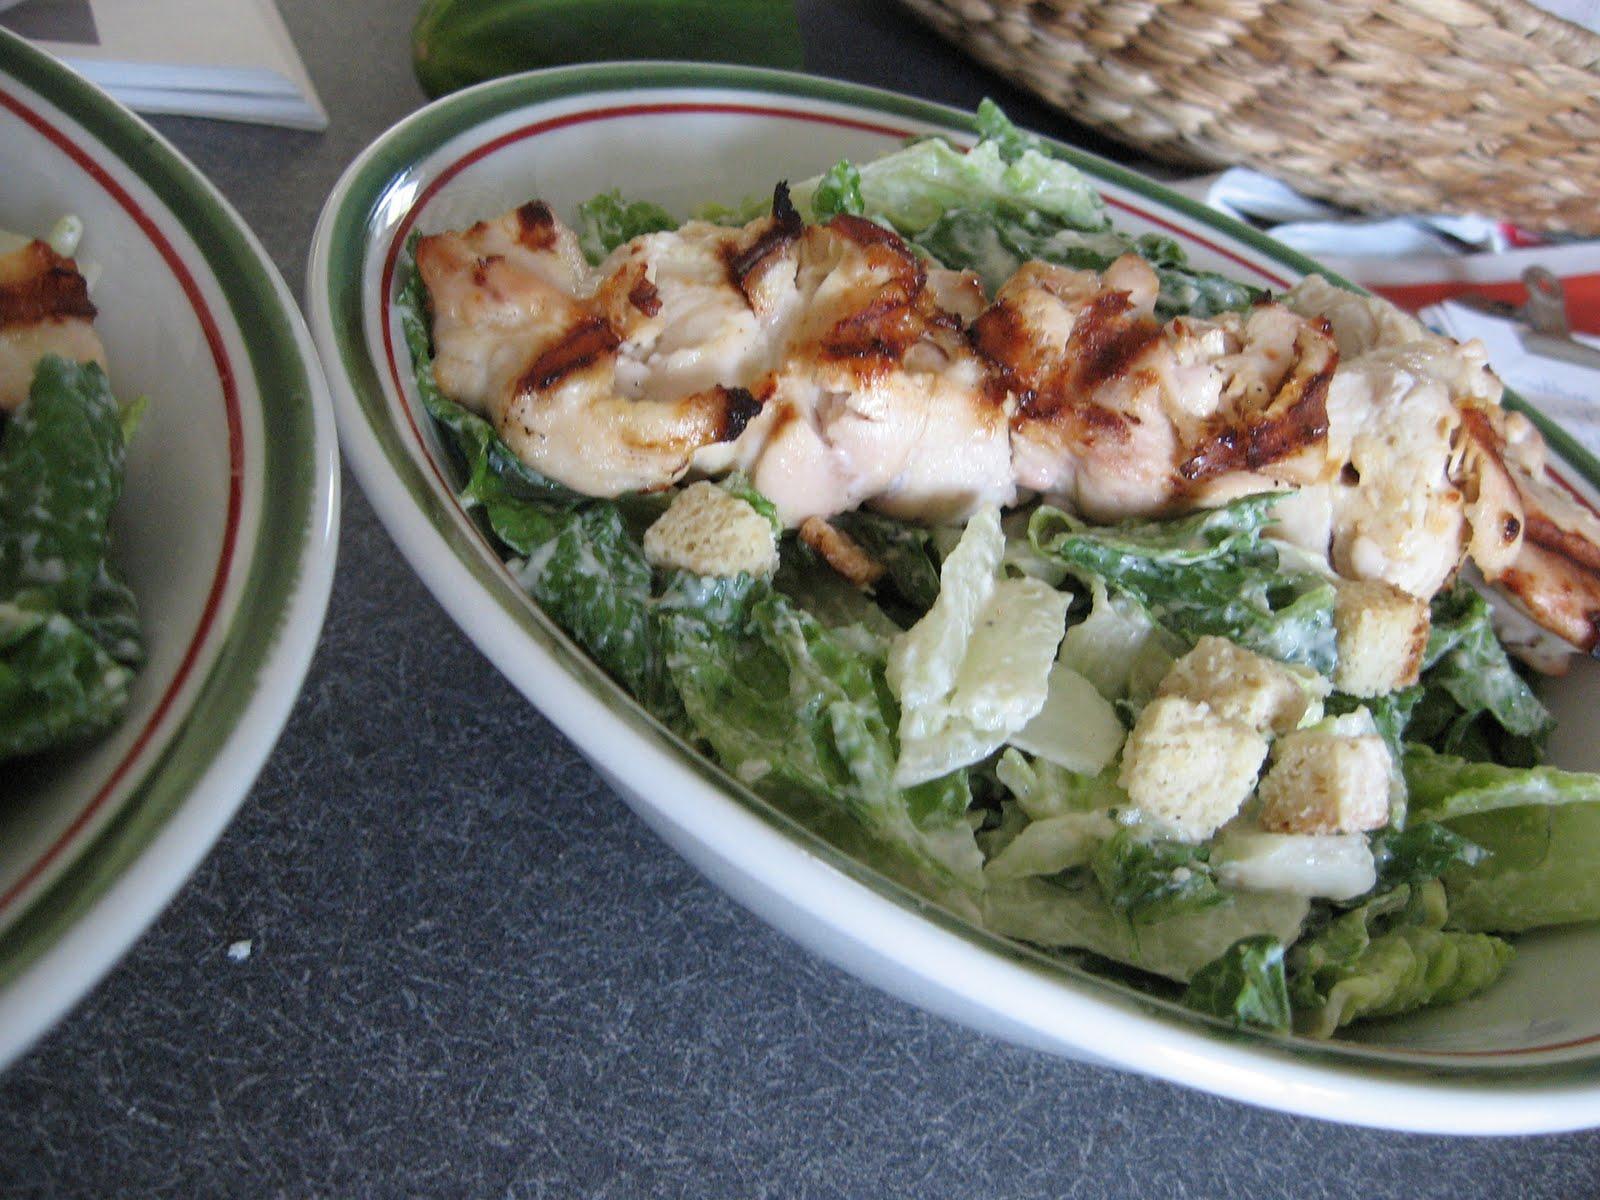 Ma cuisine passion salade c sar au poulet grill et - Recette salade cesar au poulet grille ...